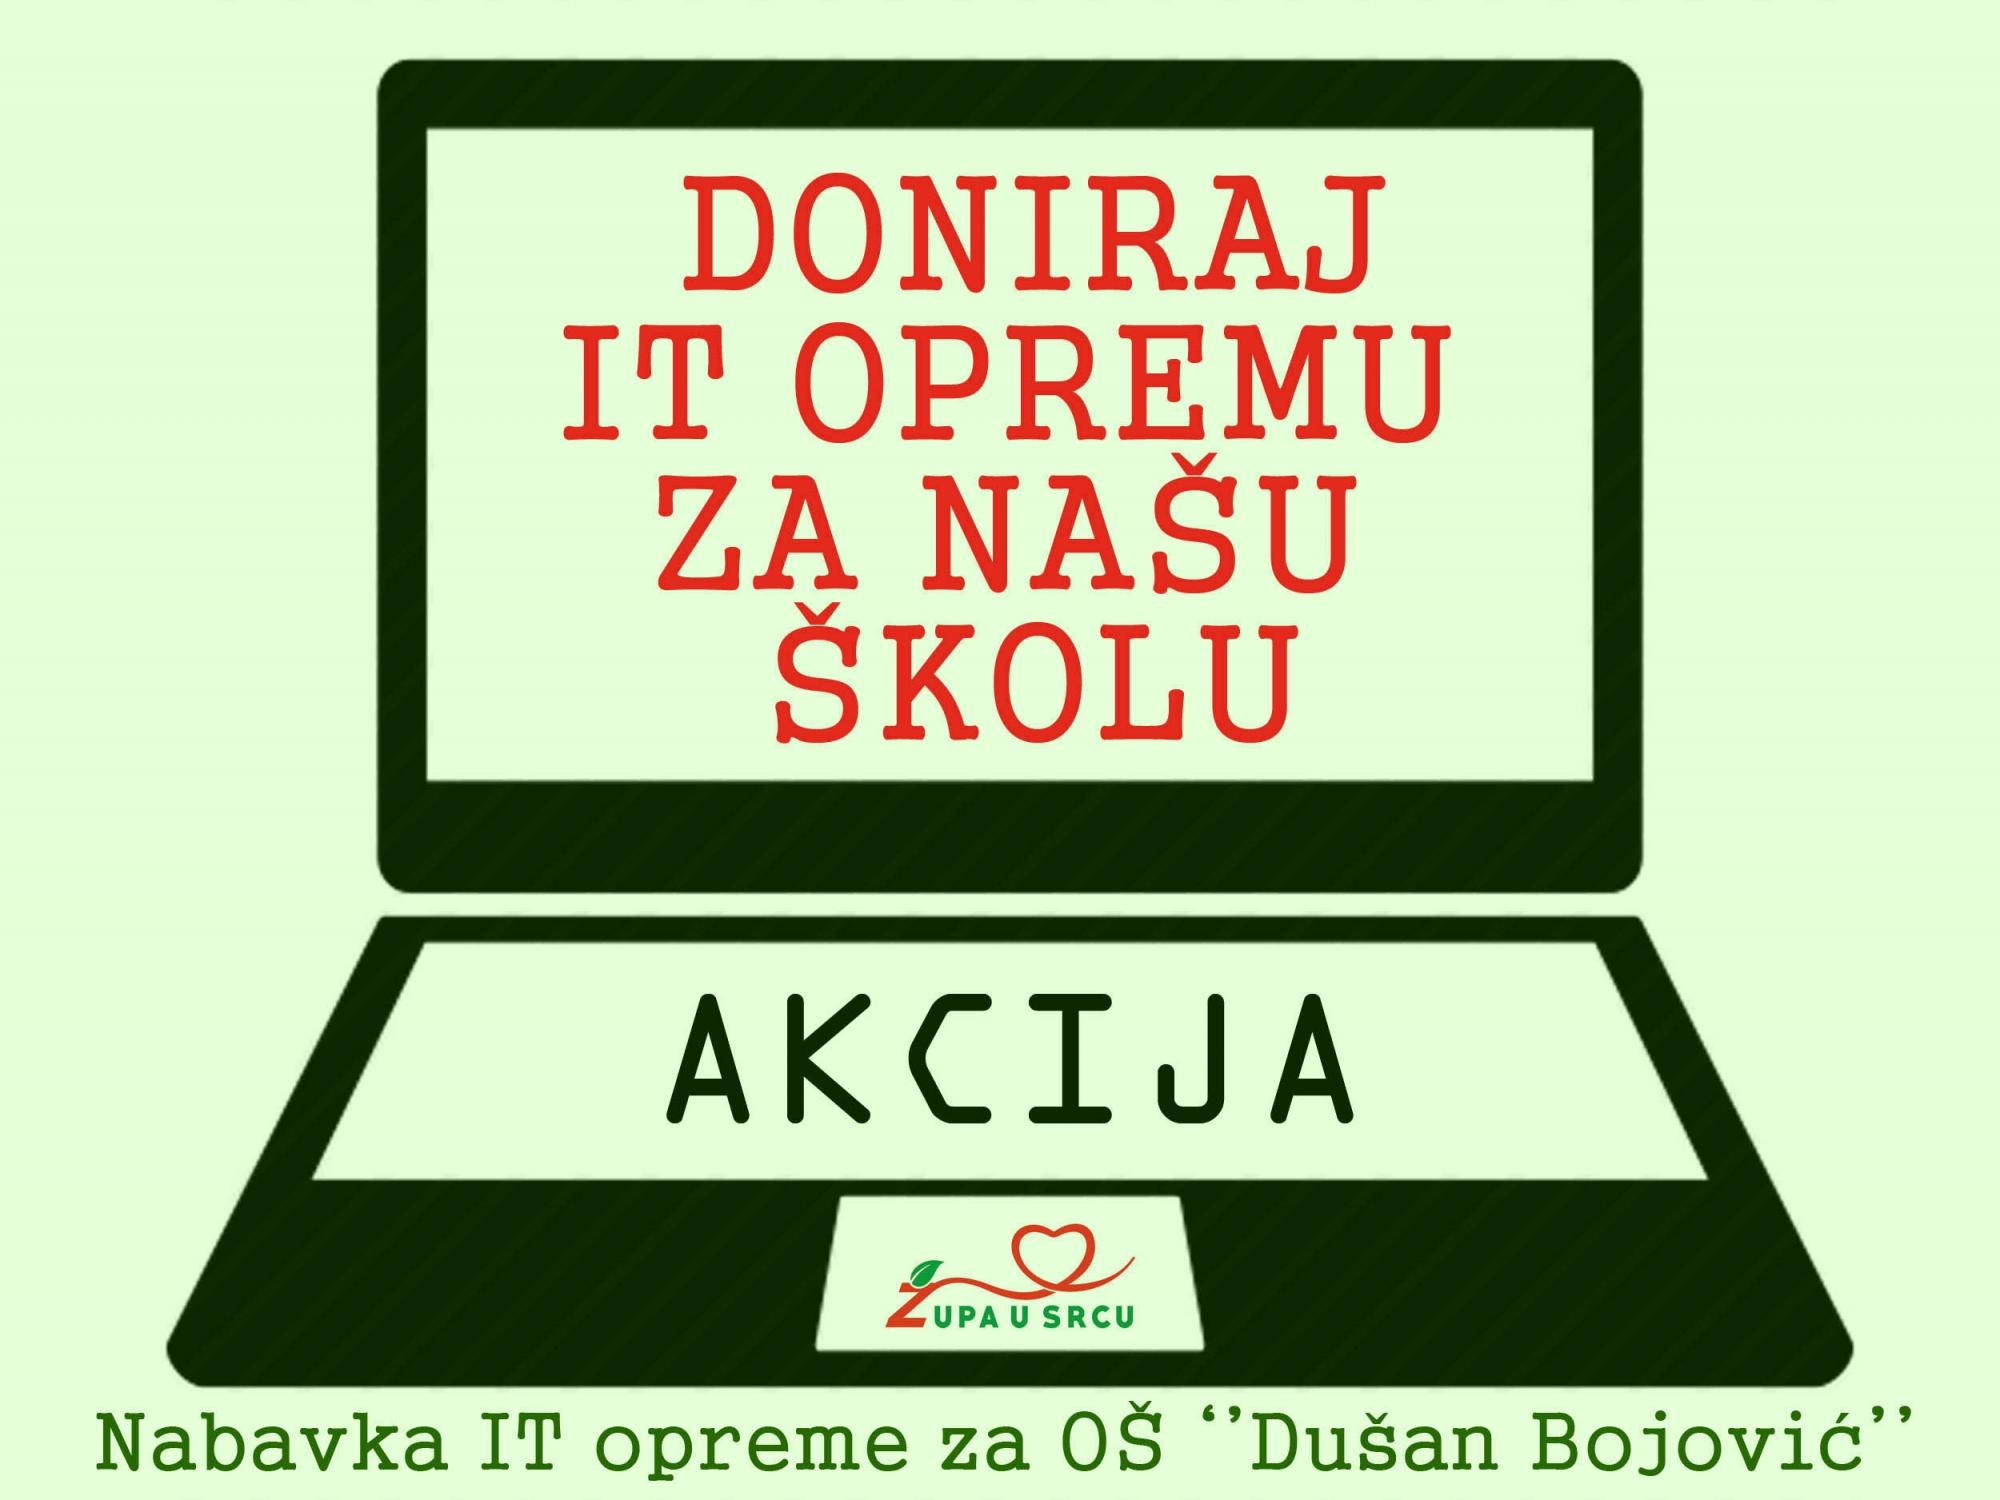 Doniraj IT opremu za našu školu